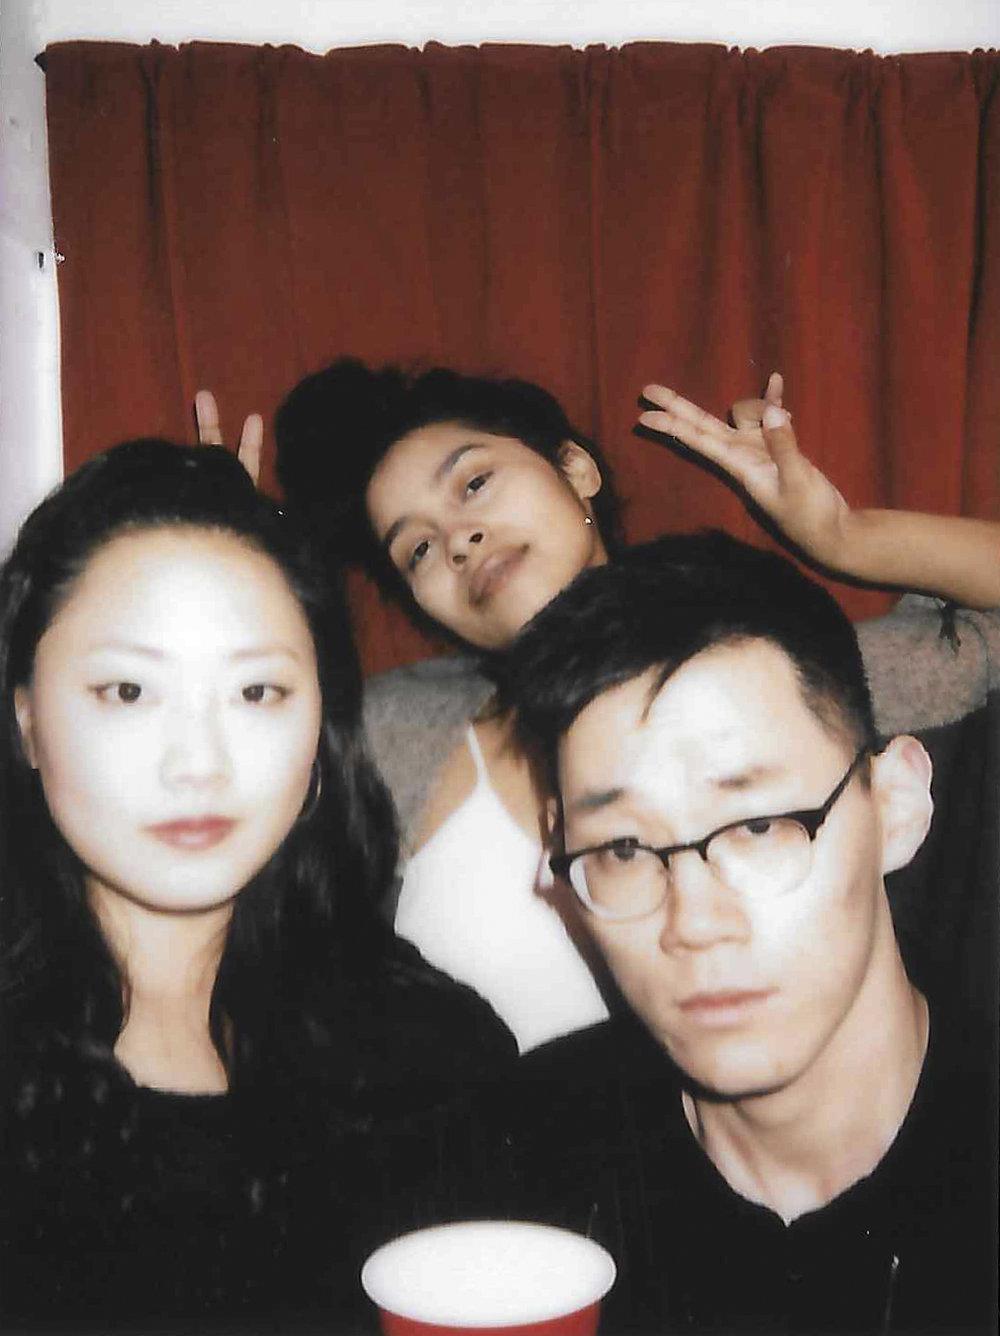 Joanne Jin+86FF.jpg